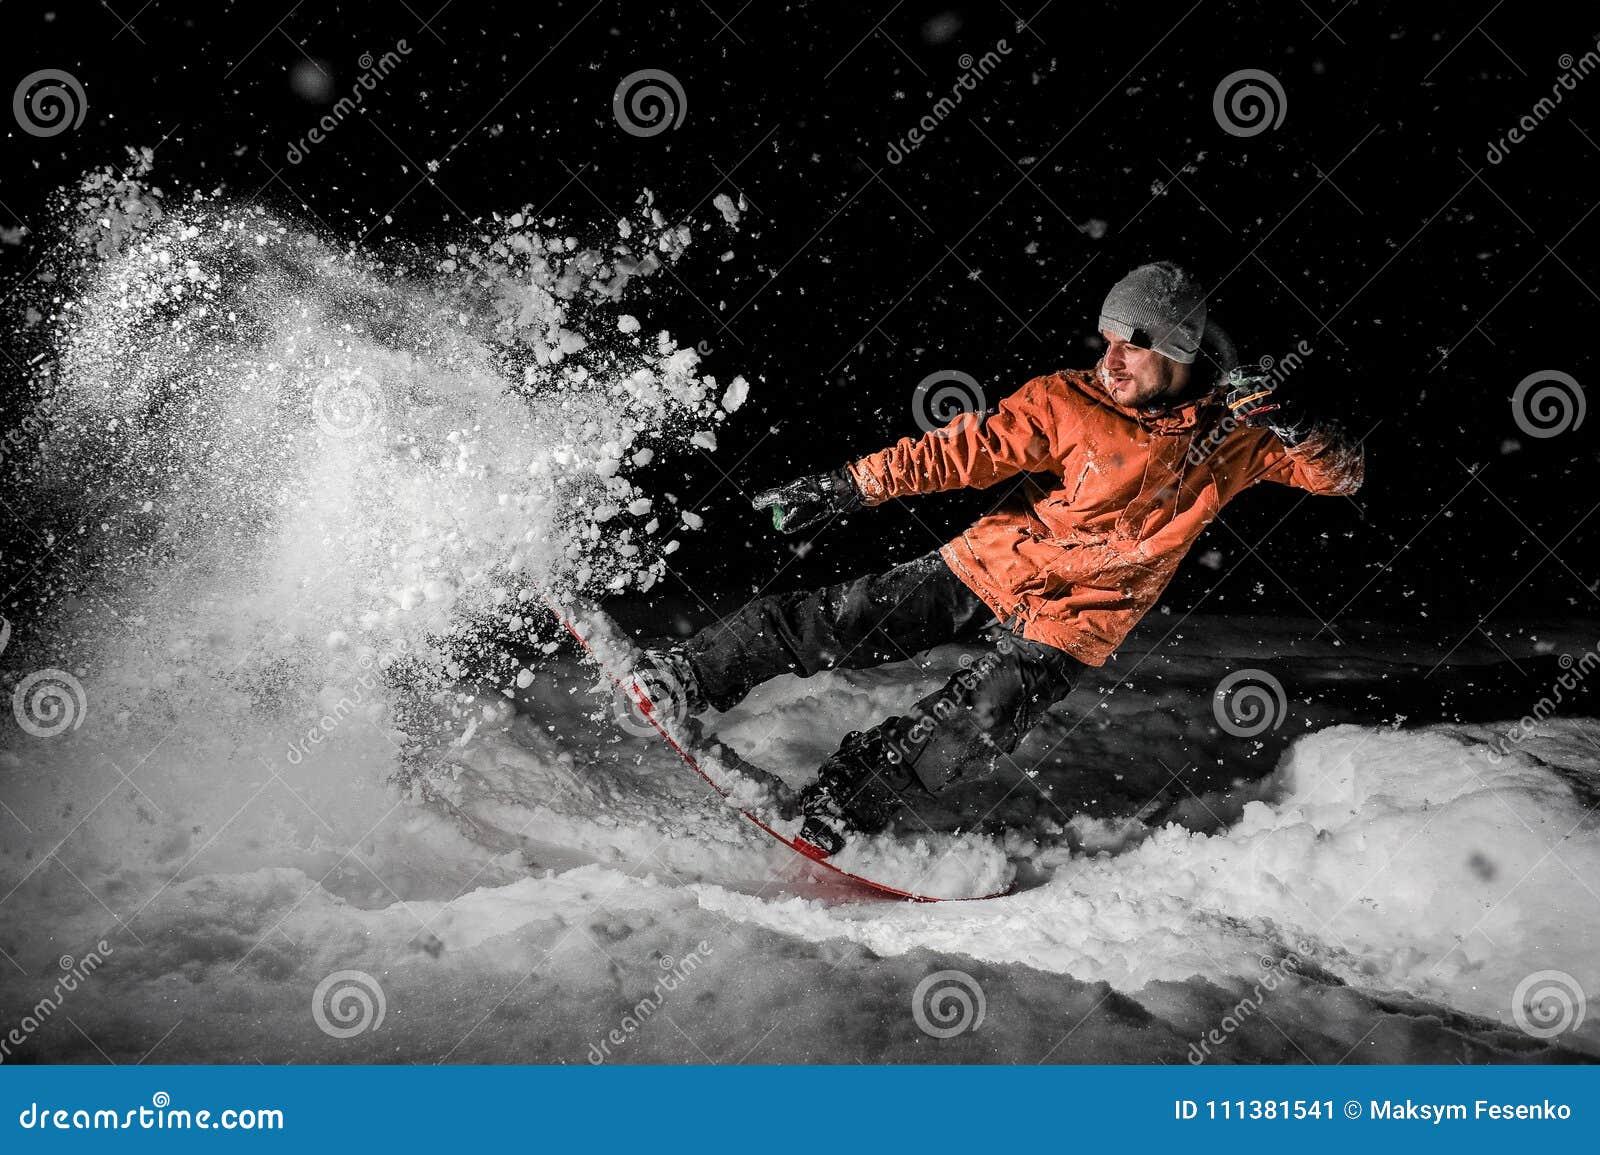 Giovane snowboarder di freeride che salta nella neve alla notte